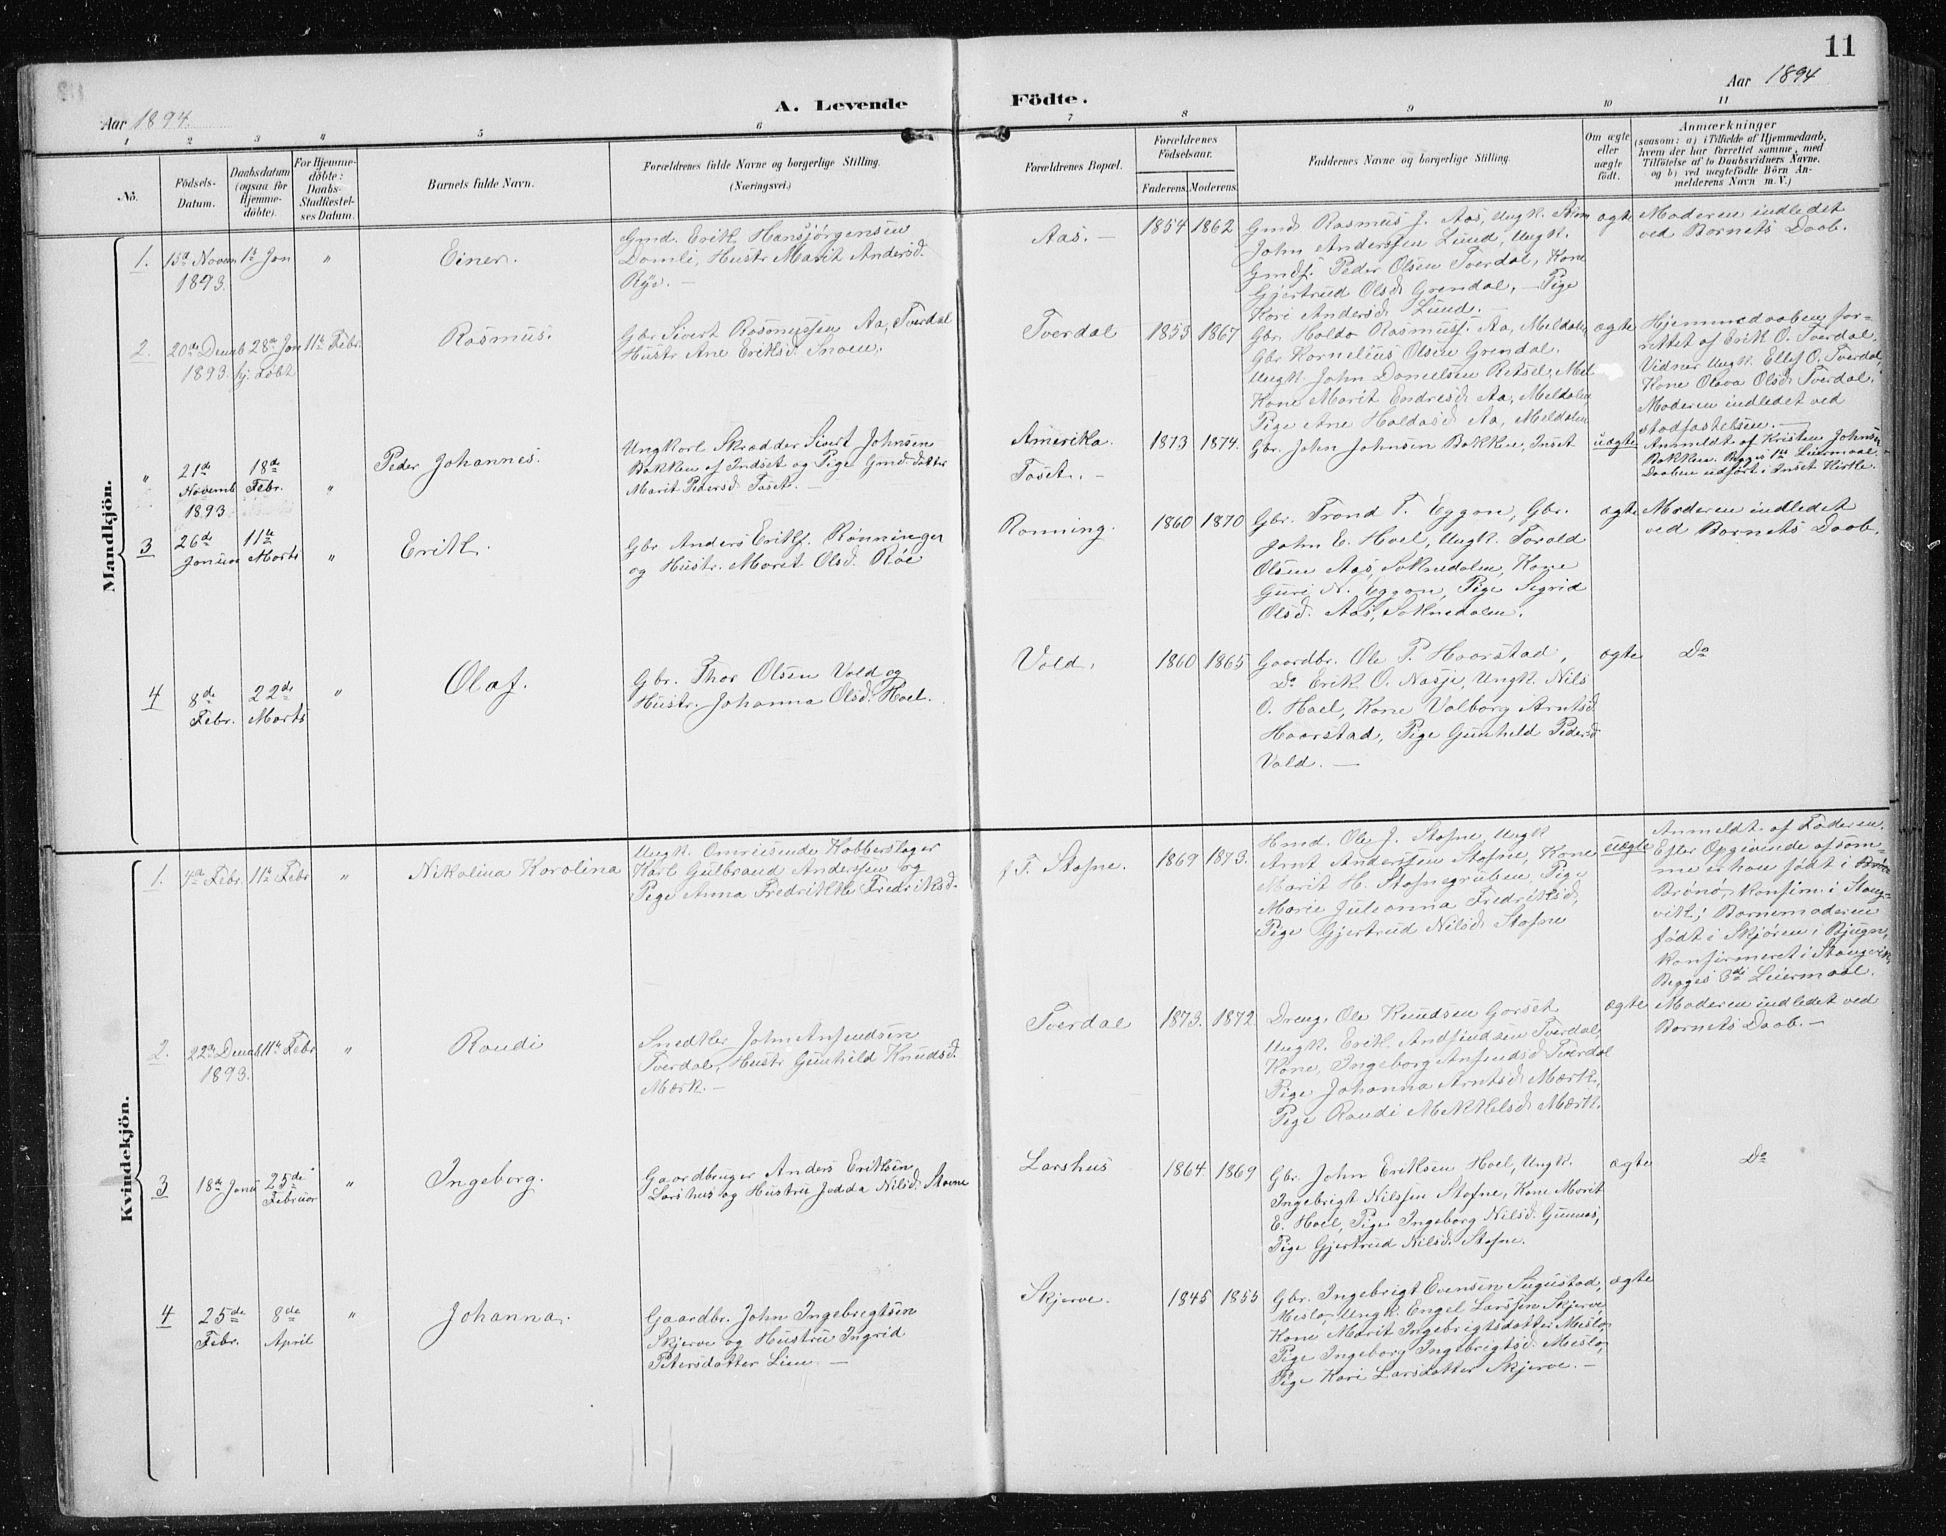 SAT, Ministerialprotokoller, klokkerbøker og fødselsregistre - Sør-Trøndelag, 674/L0876: Klokkerbok nr. 674C03, 1892-1912, s. 11